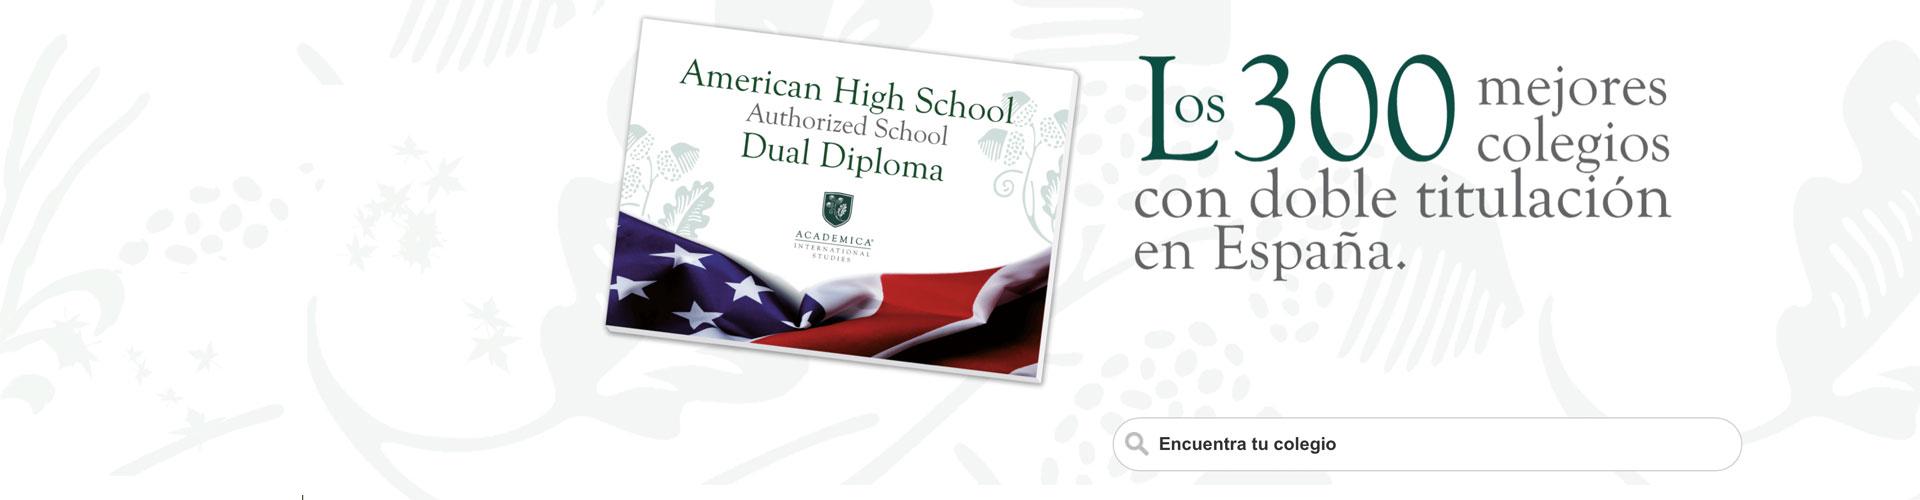 los-300-mejores-colegios-academica